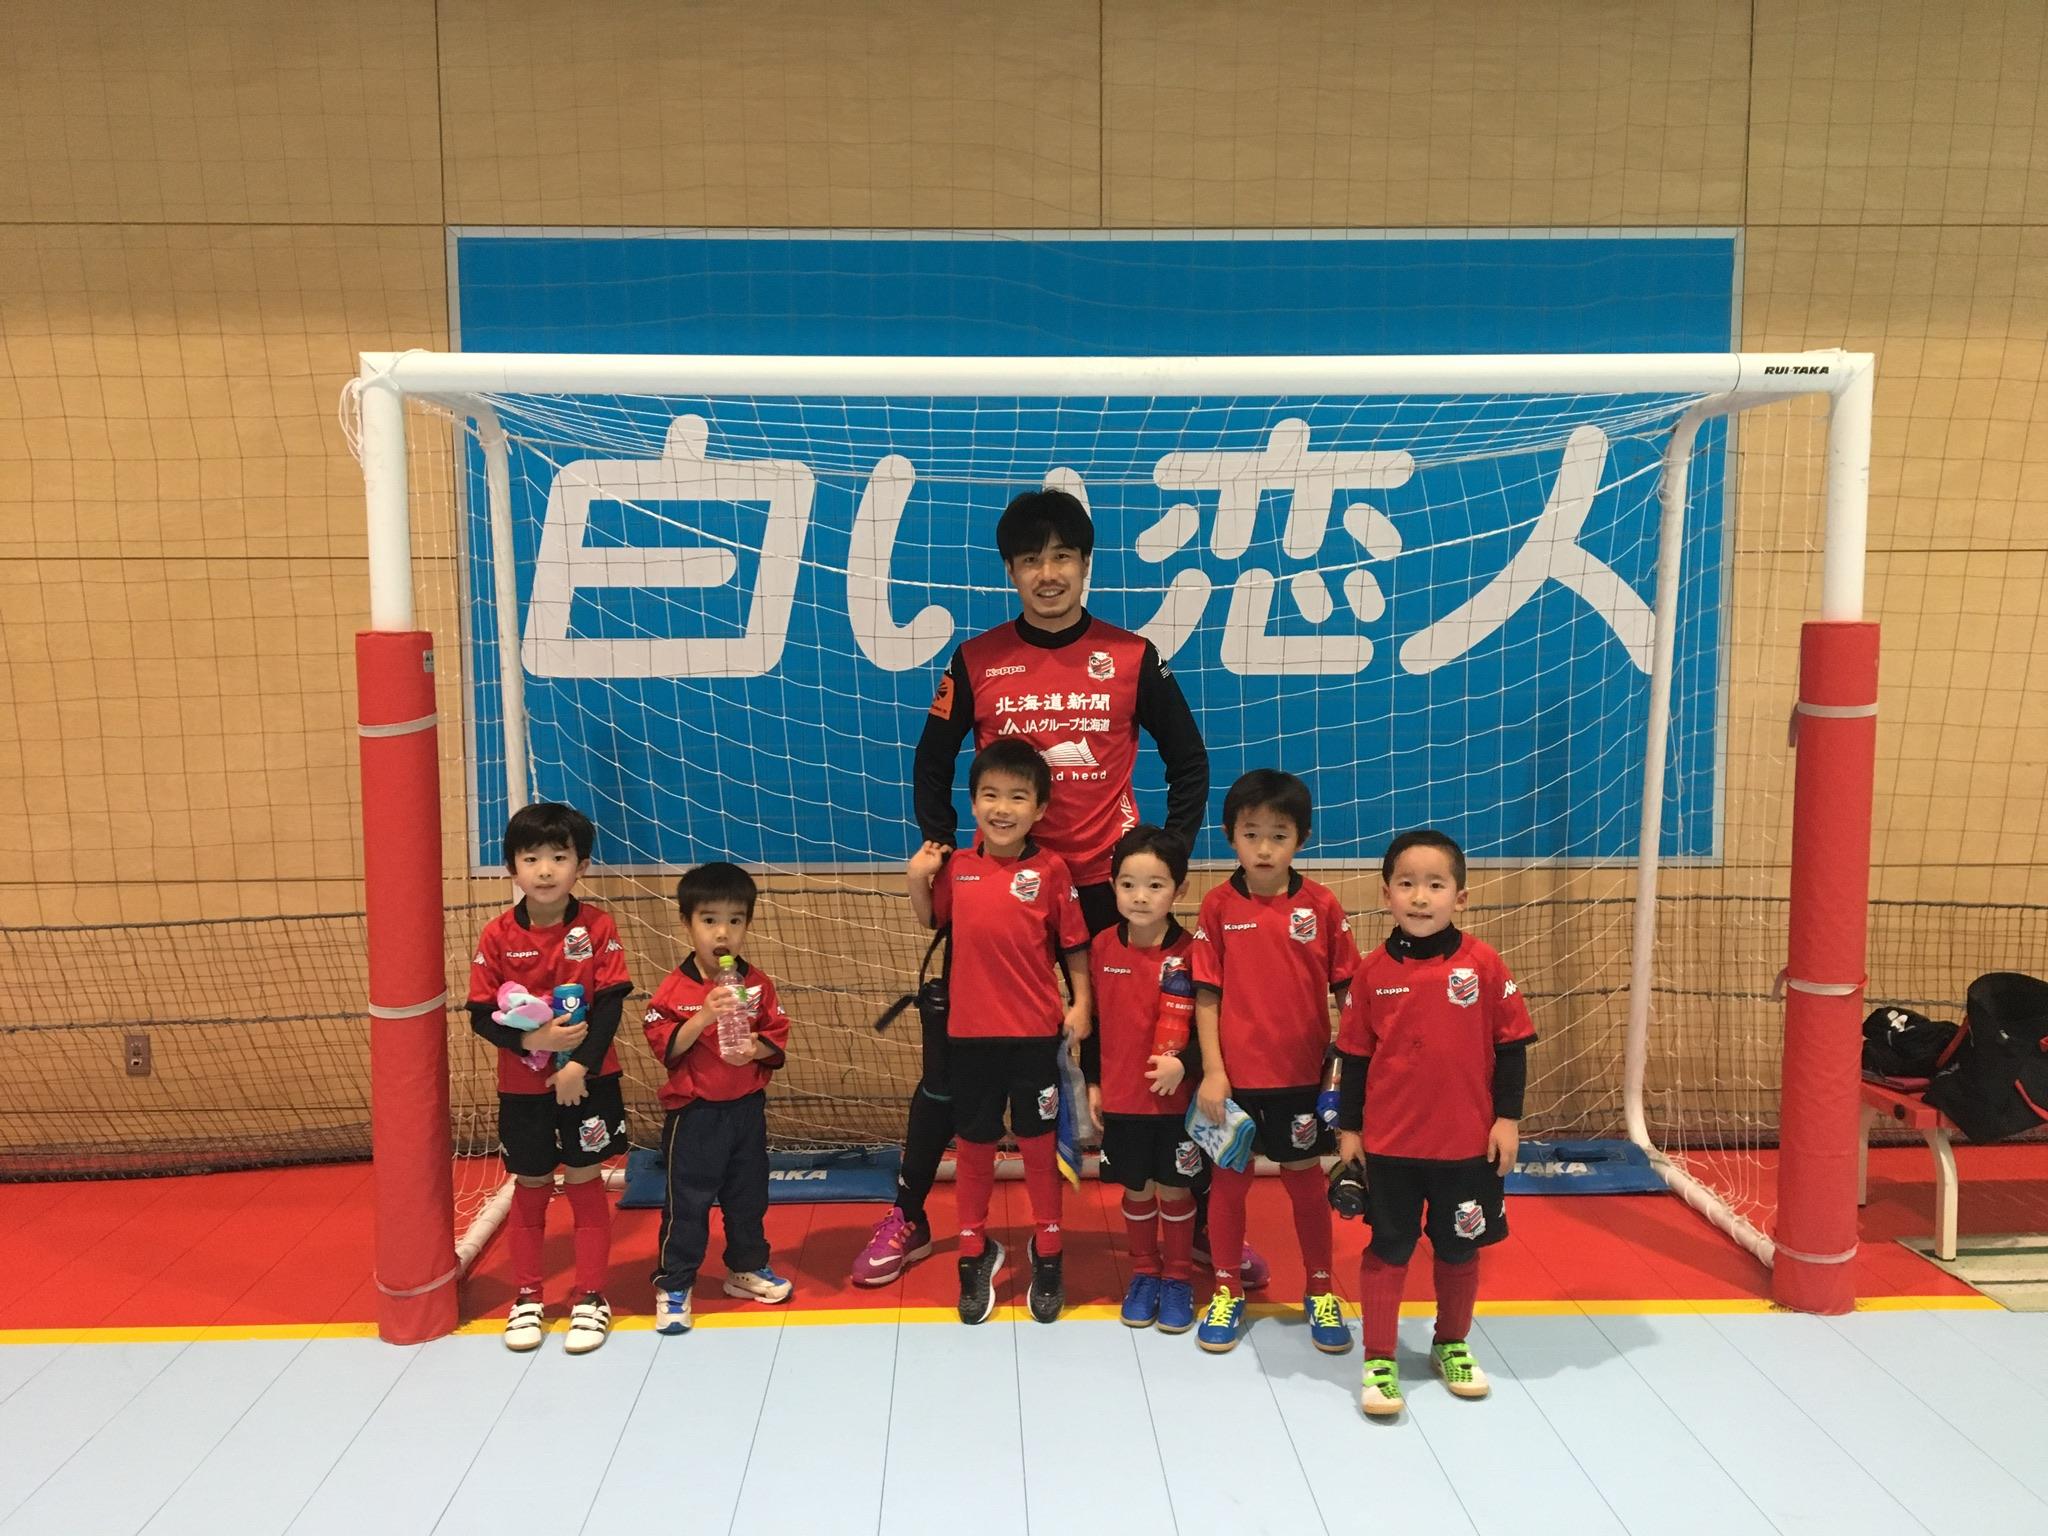 http://chsc.jp/report/up_images/6A4DFF9D-E960-47EC-A3DD-438F19540E56.jpeg